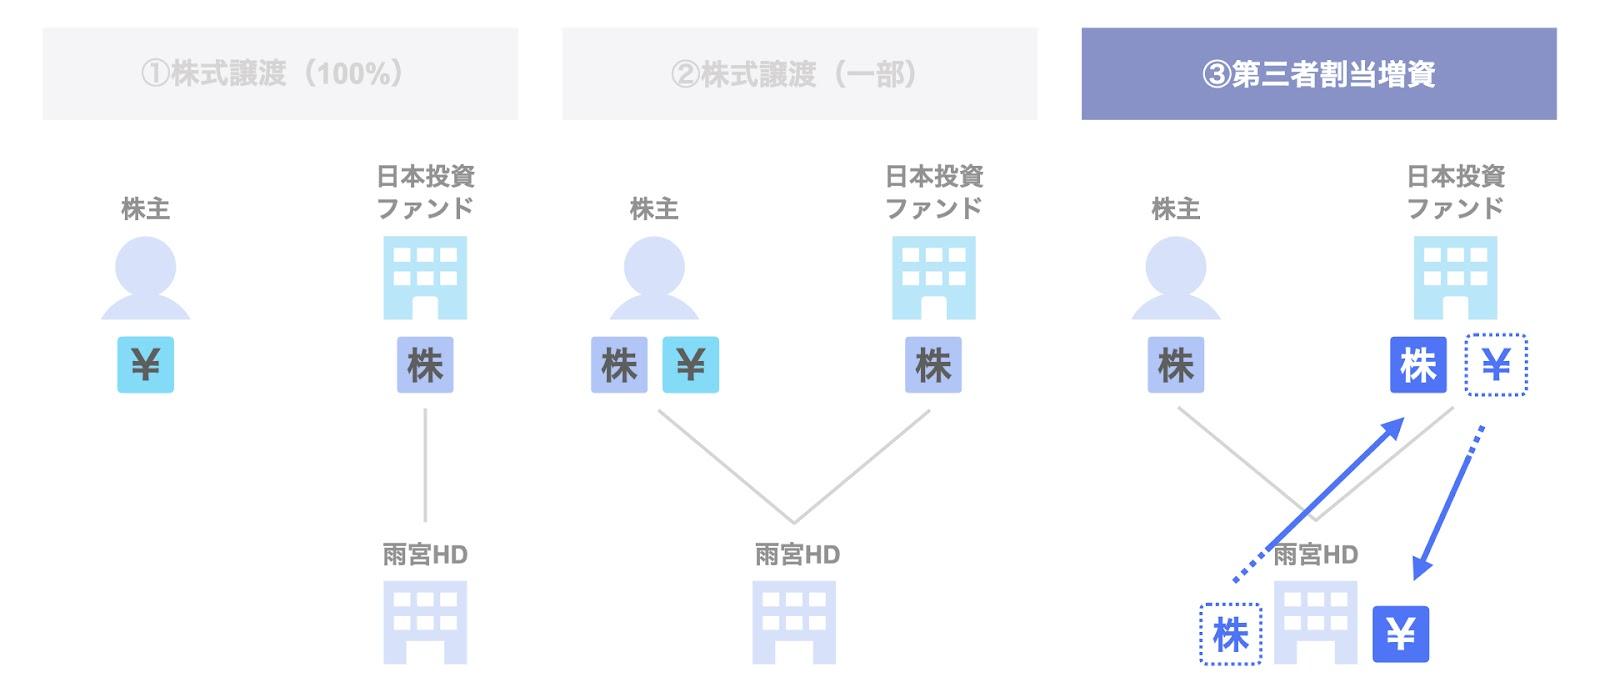 日本投資ファンドによる雨宮ホールディングスの投資事例:第三者割当増資